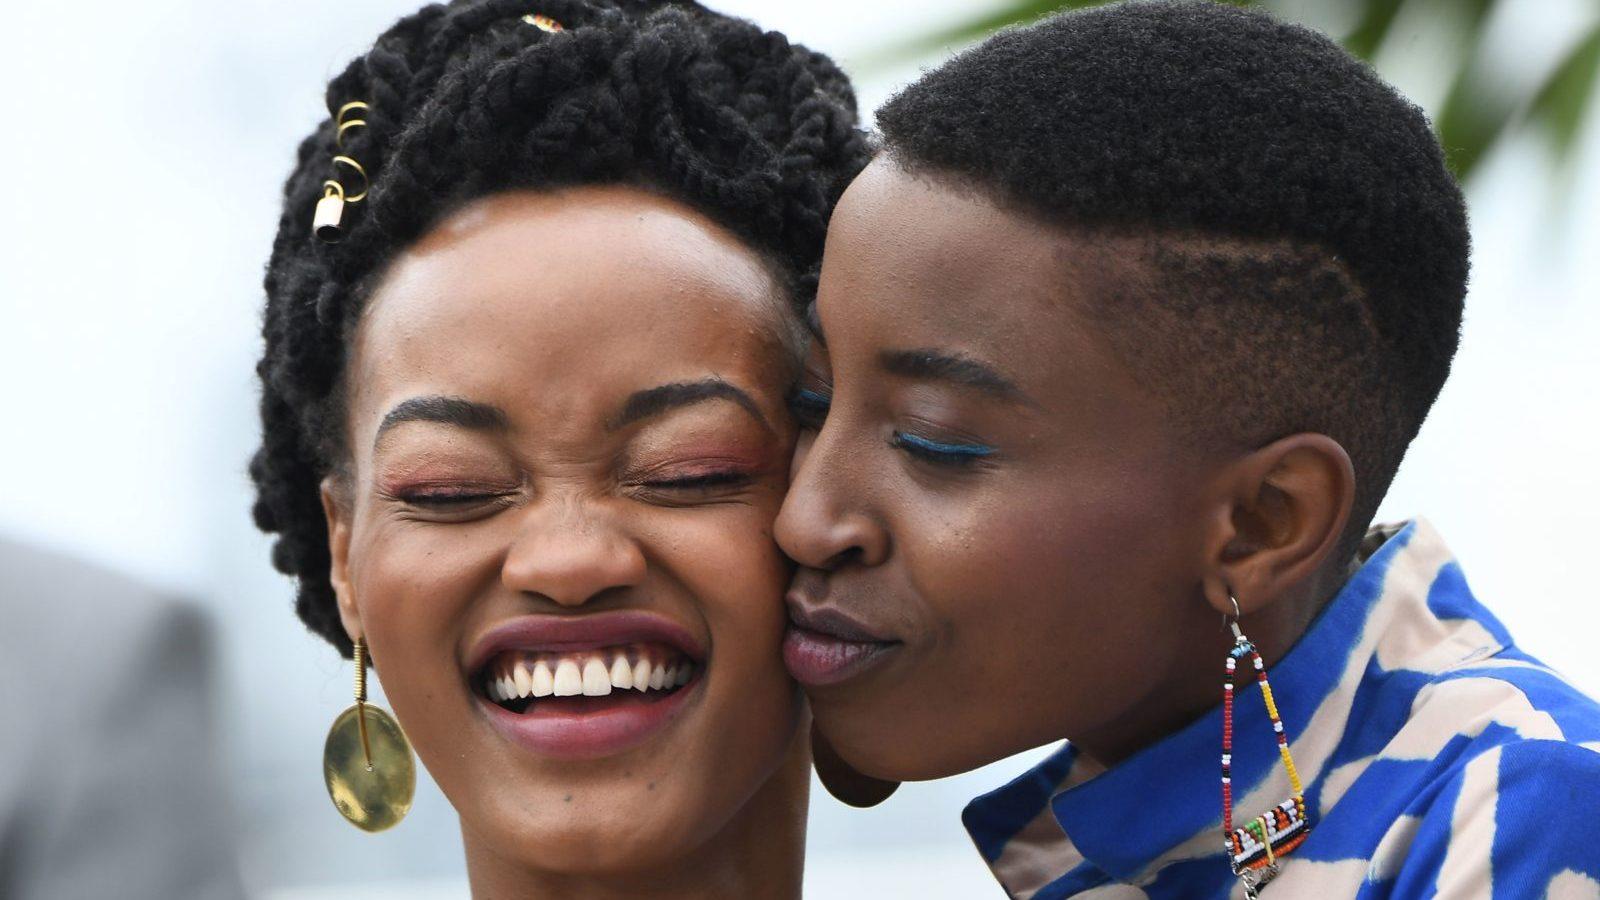 Kenya, Lezbiyen Filmi 'Rafiki'nin Yayın Yasağını Oscar Alabilsin Diye Kaldırdı